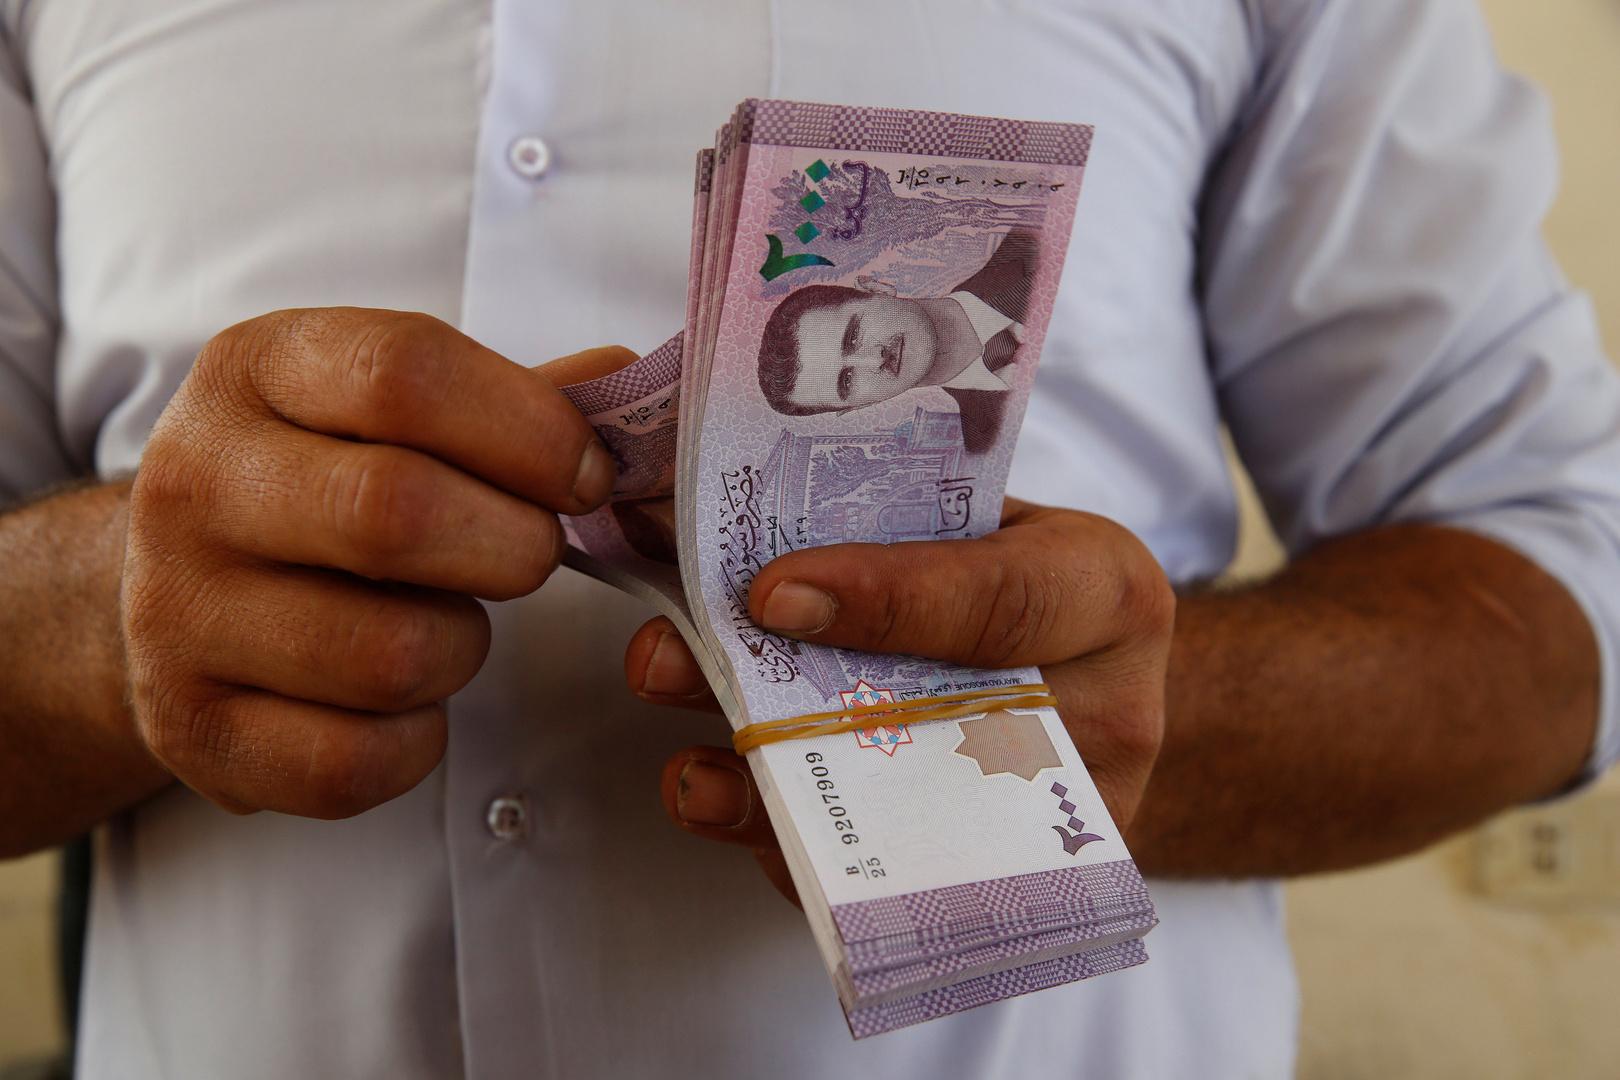 مصرف سوري يستأنف منح القروض الشخصية ويرفع سقف الإقراض